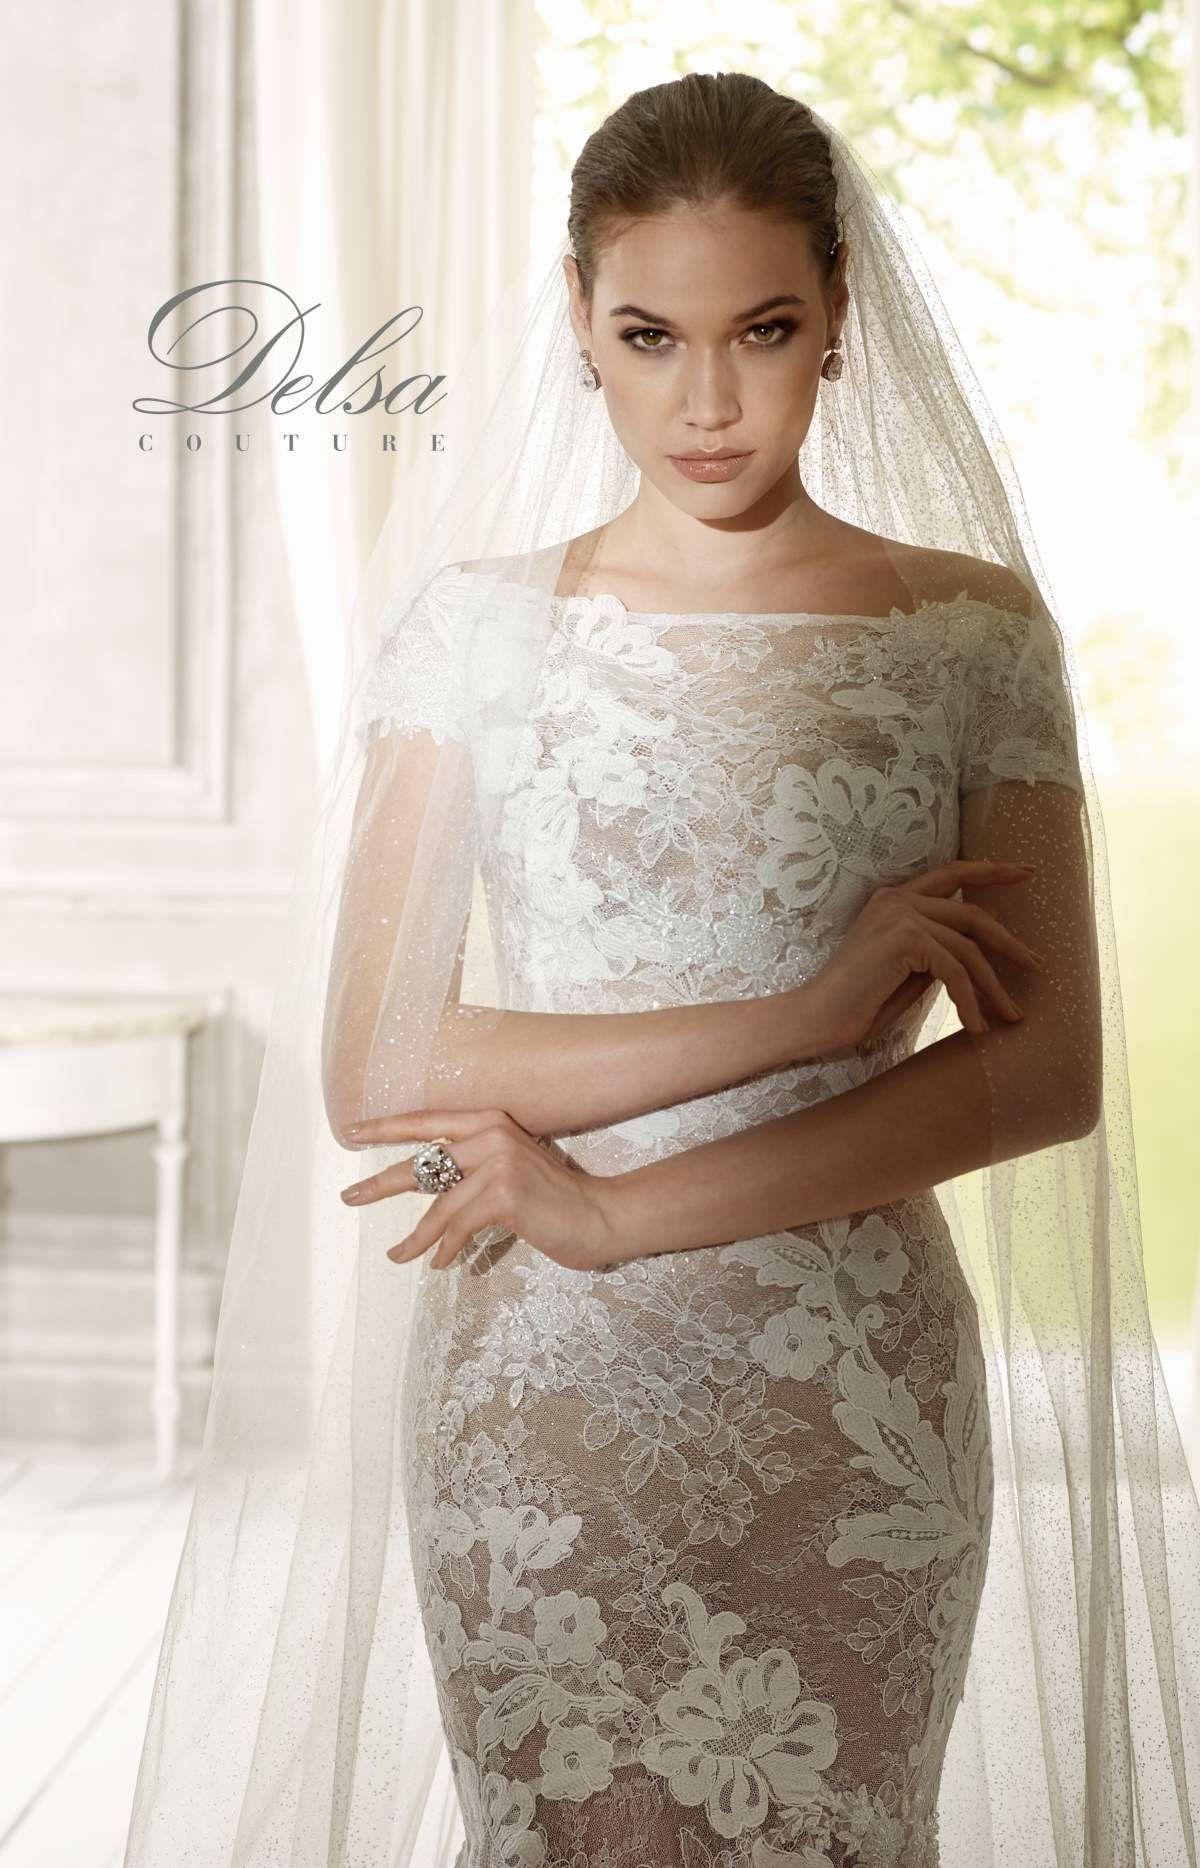 7b8b05191158 Le nuove collezioni di Delsa spose a breve nel nostro Atelier dedicato alla  sposa e alla